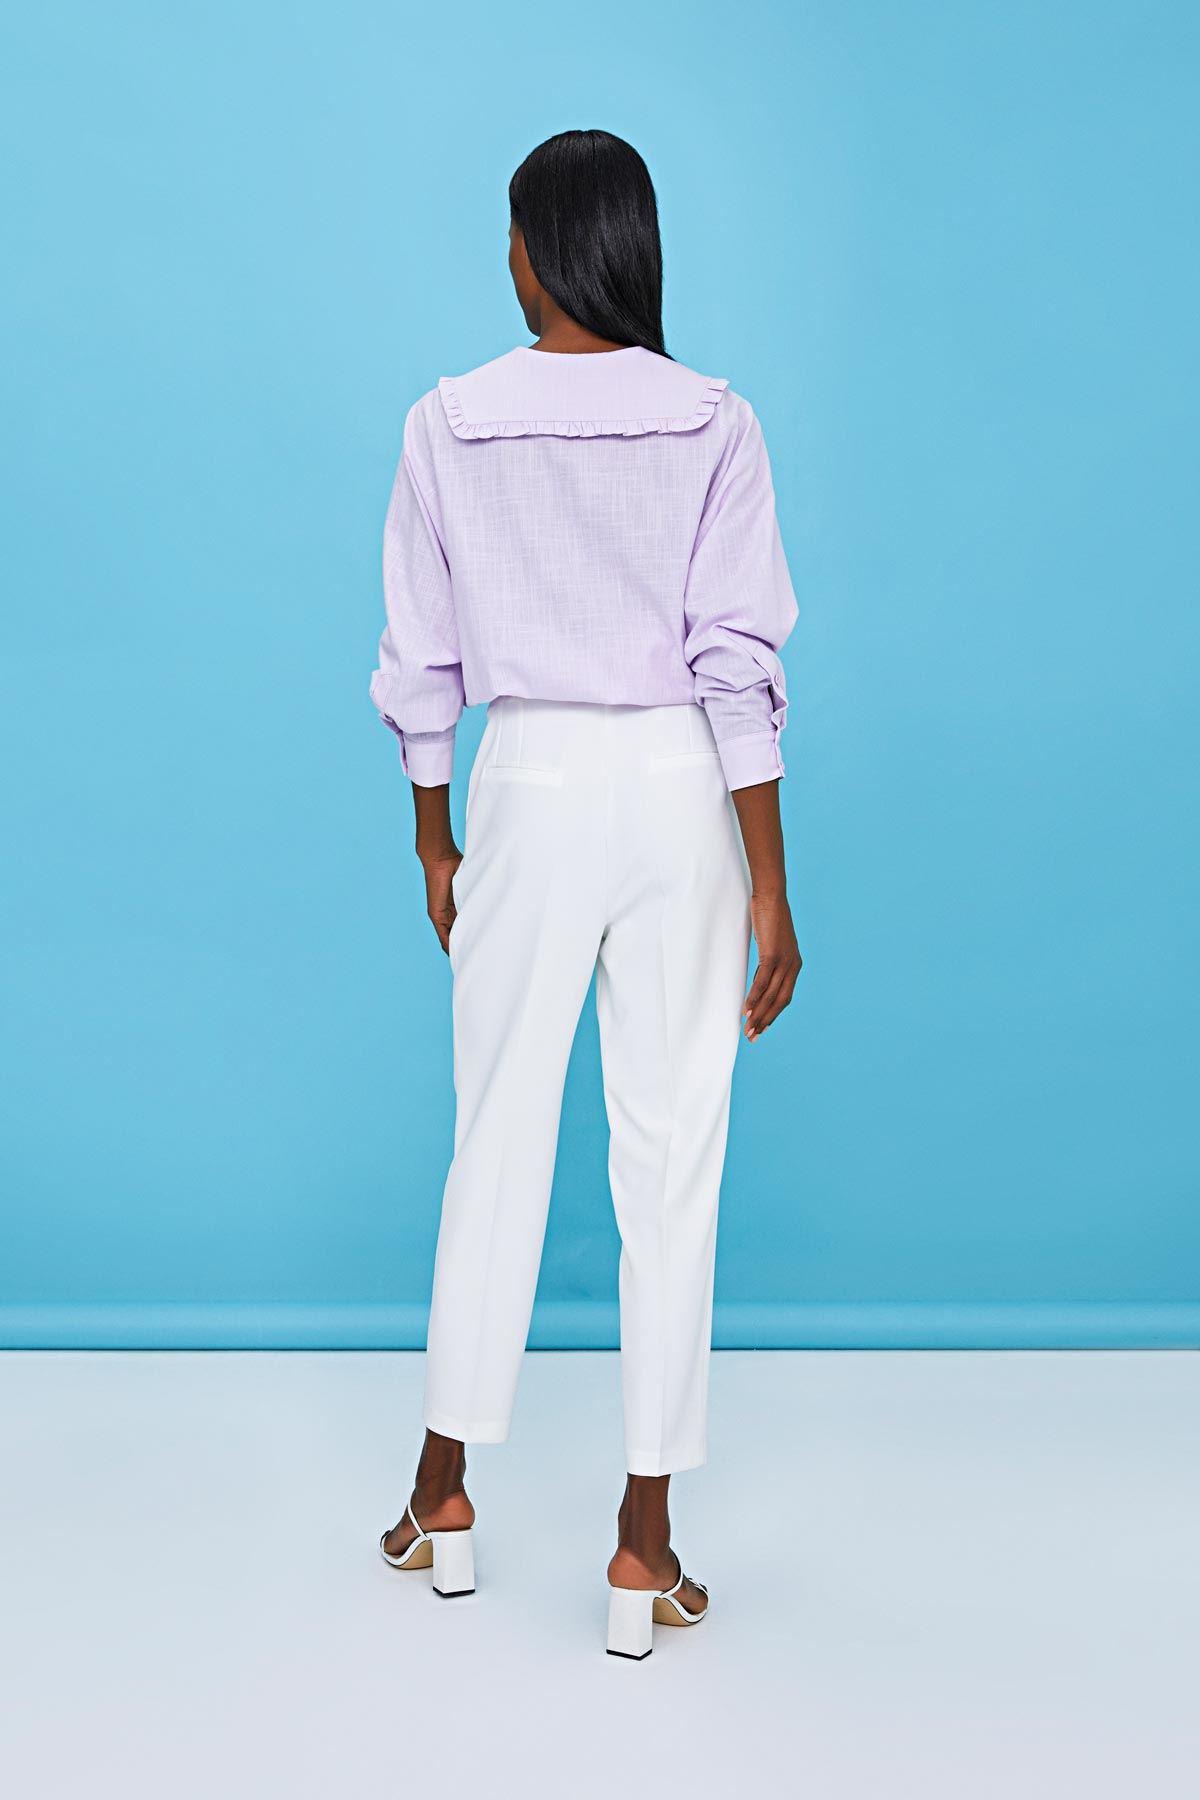 Yüksek bel kemerli pantolon Beyaz